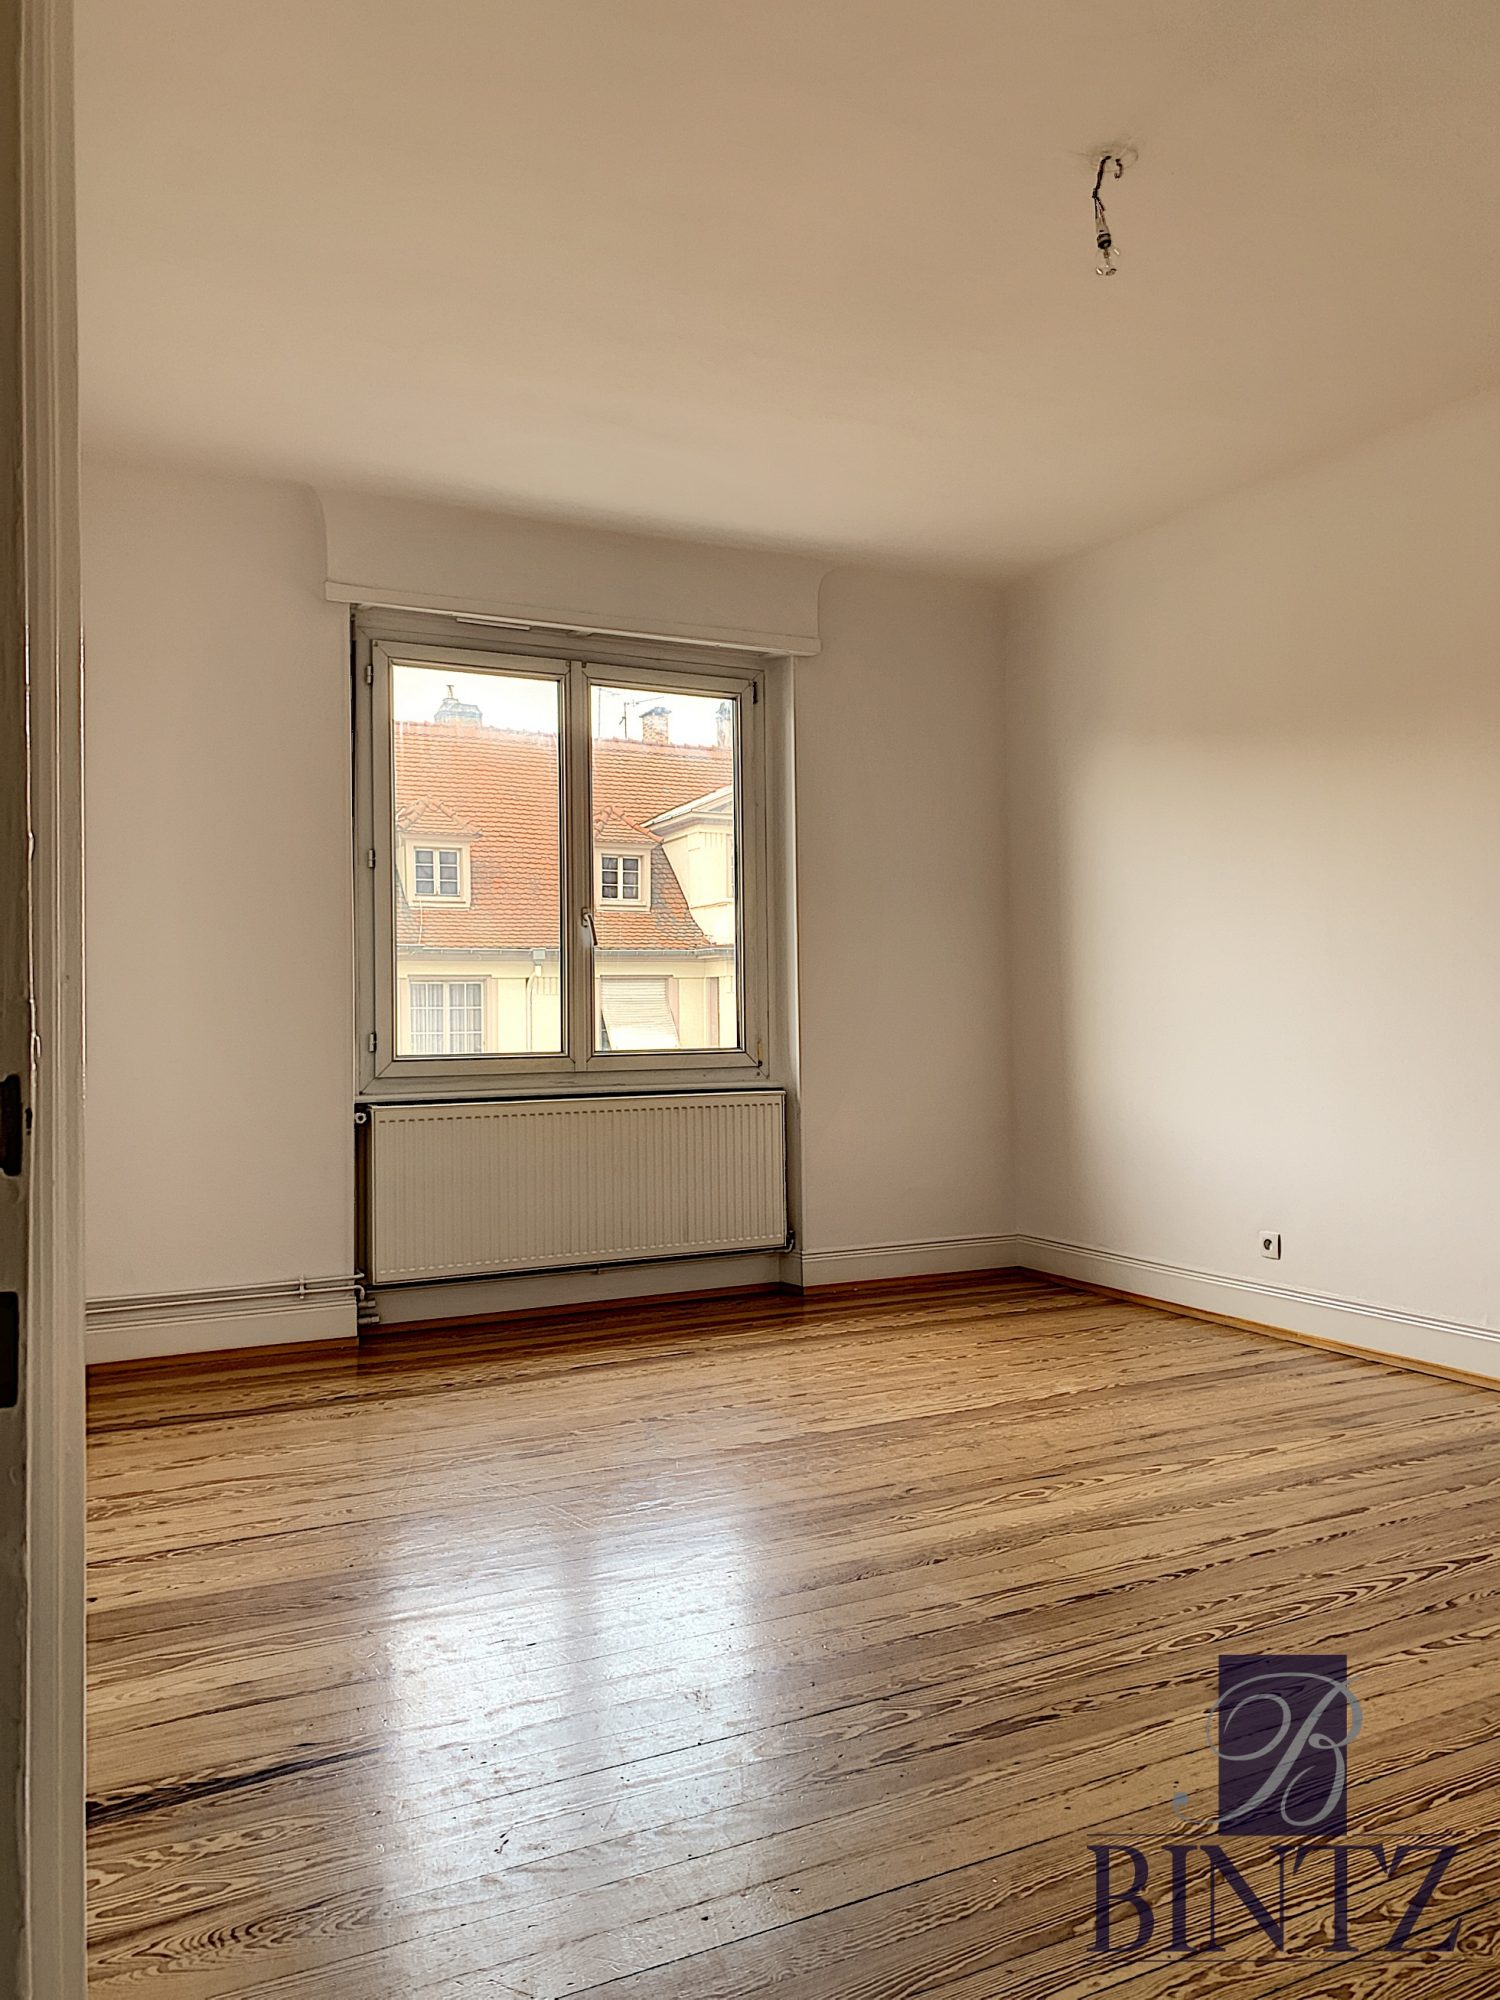 GRAND 5 PIÈCES RÉNOVÉ À NEUDORF - Devenez locataire en toute sérénité - Bintz Immobilier - 5